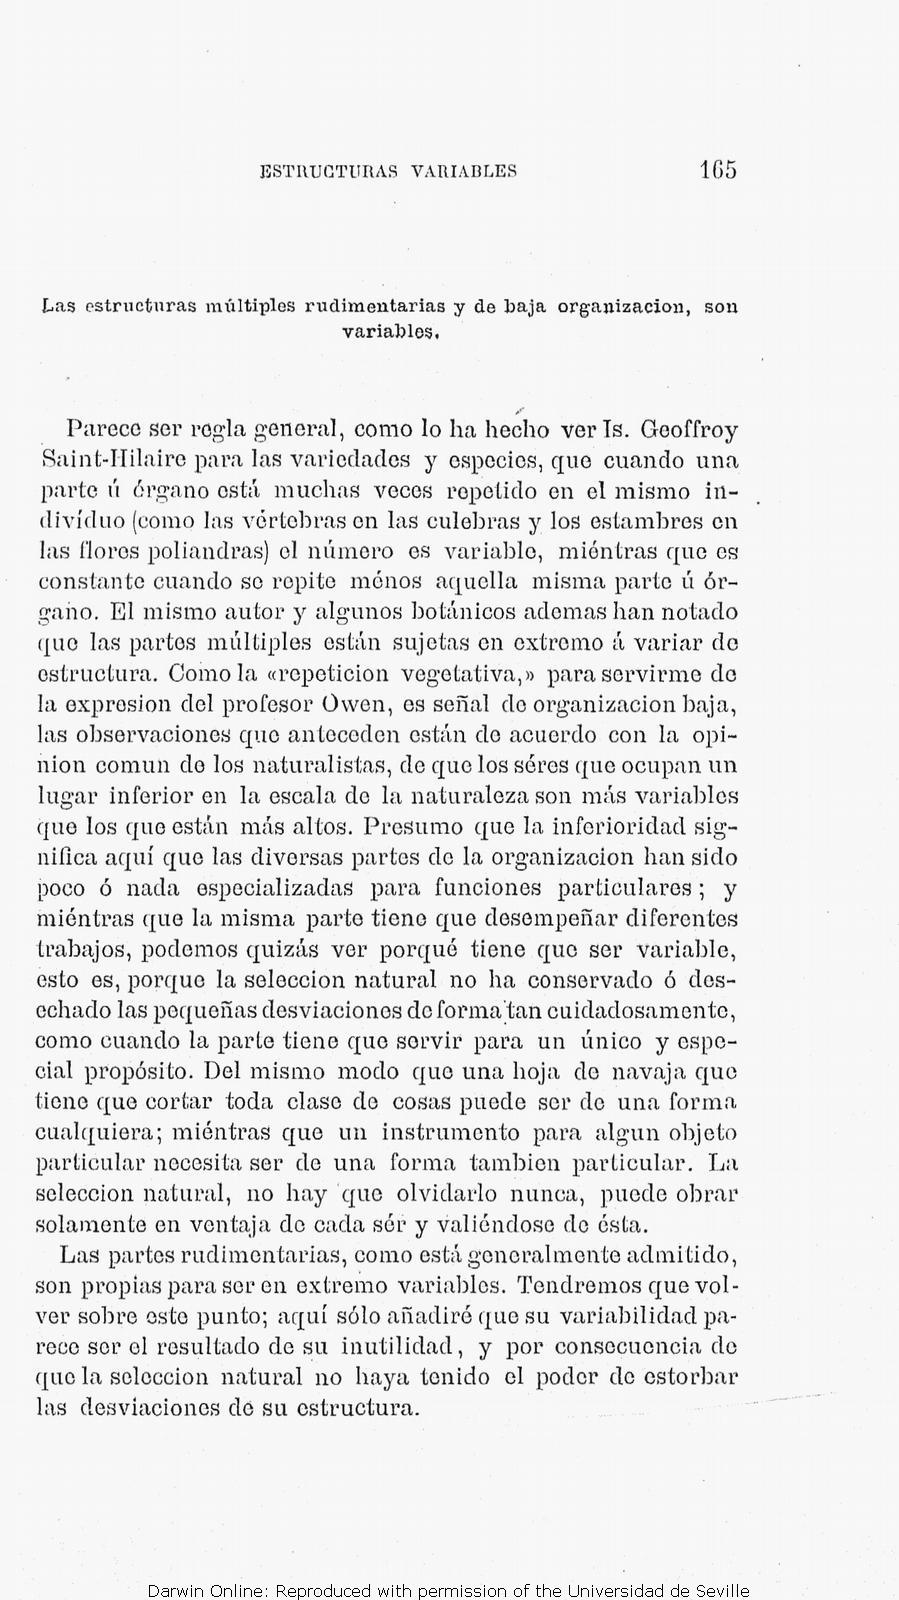 Tdarwin C R 1877 Orígen De Las Especies Por Medio De